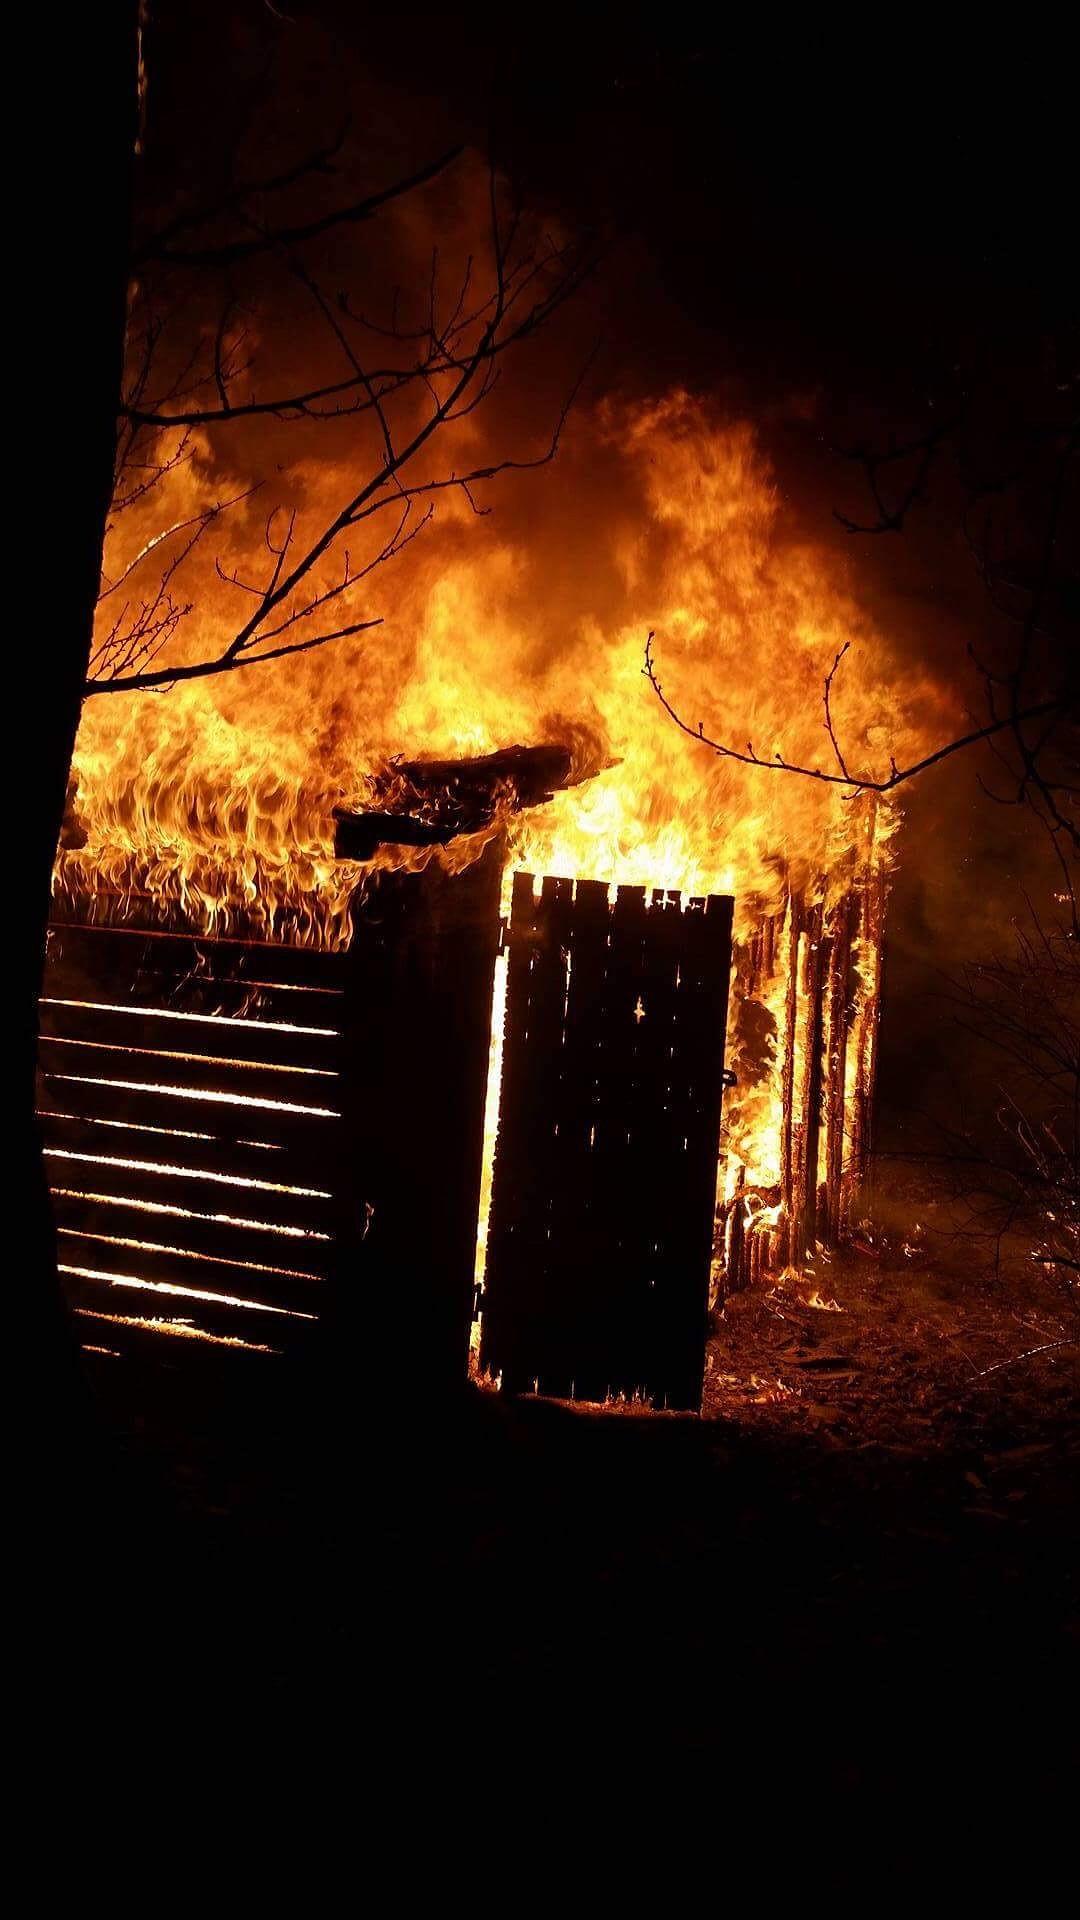 Спасатели ночью в горящем доме разбудили и спасли человека